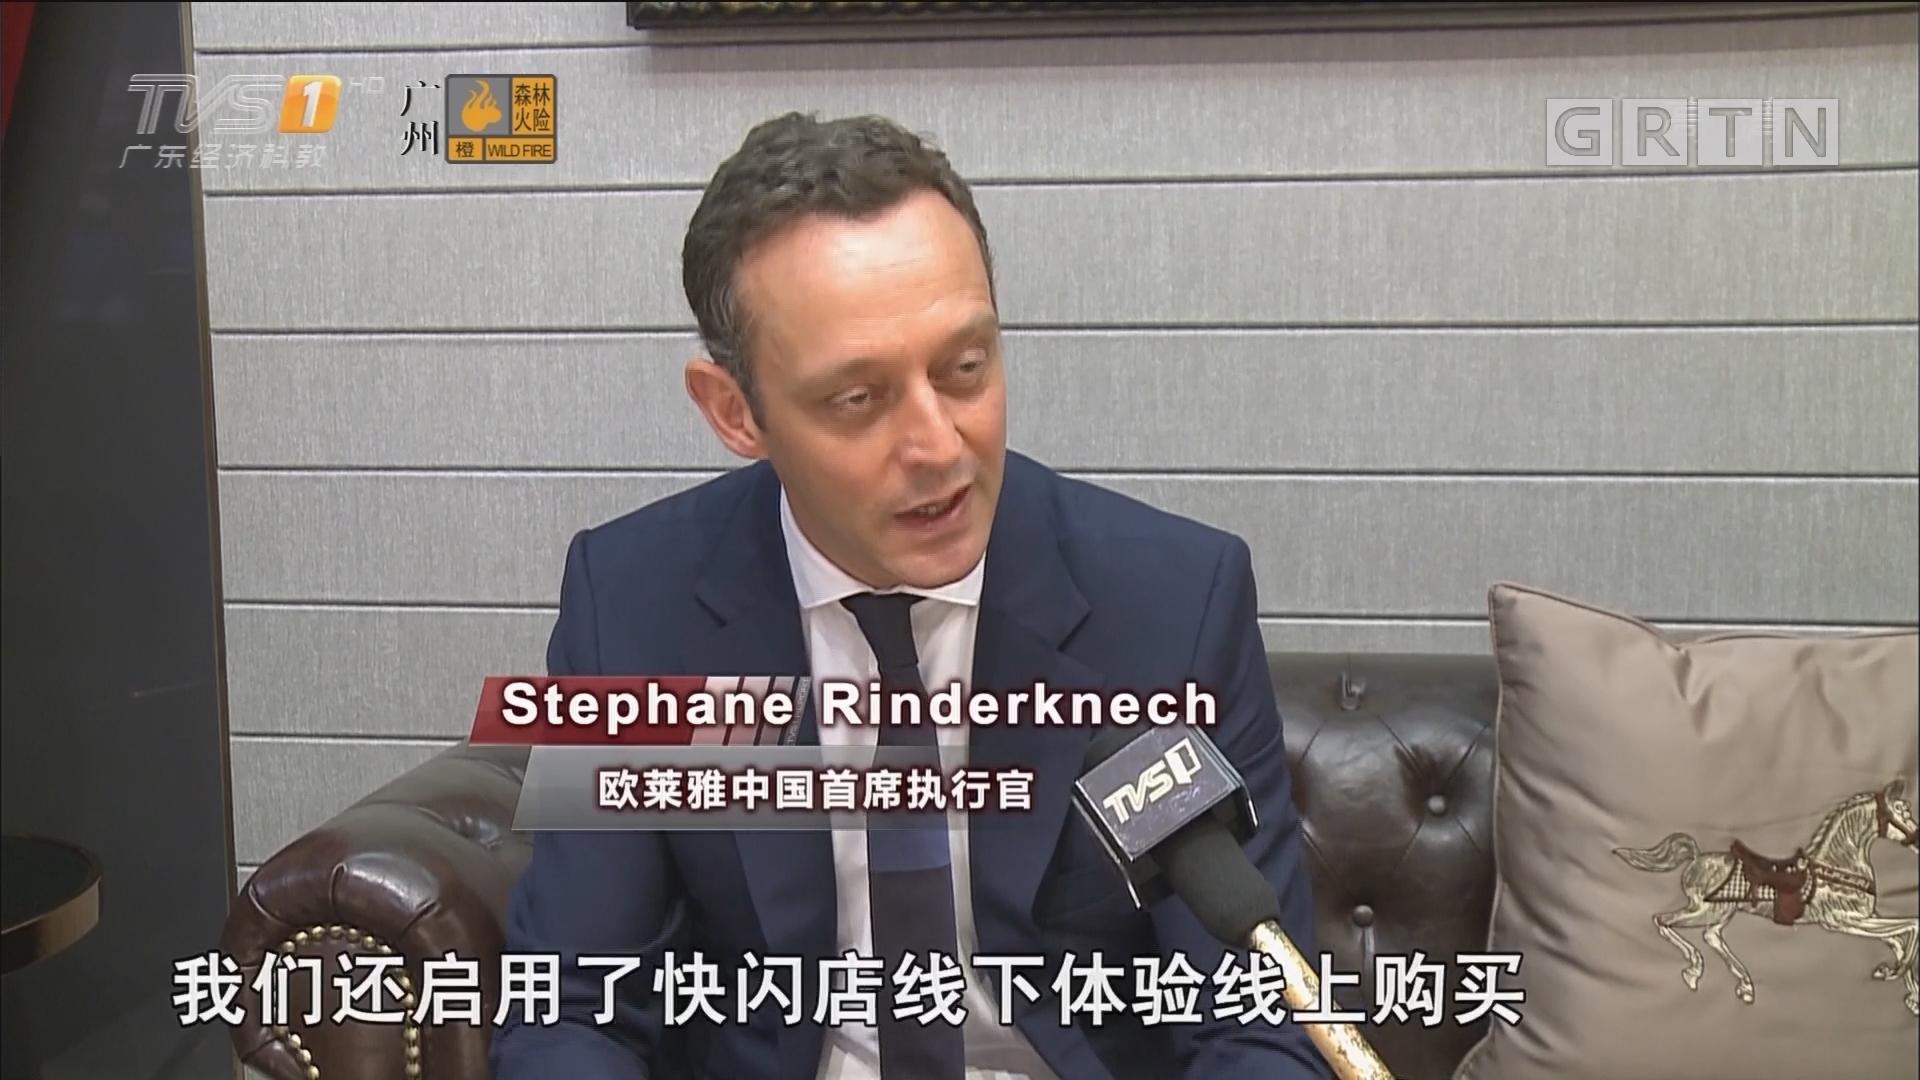 对话欧莱雅CEO 中国赢在开放与创新